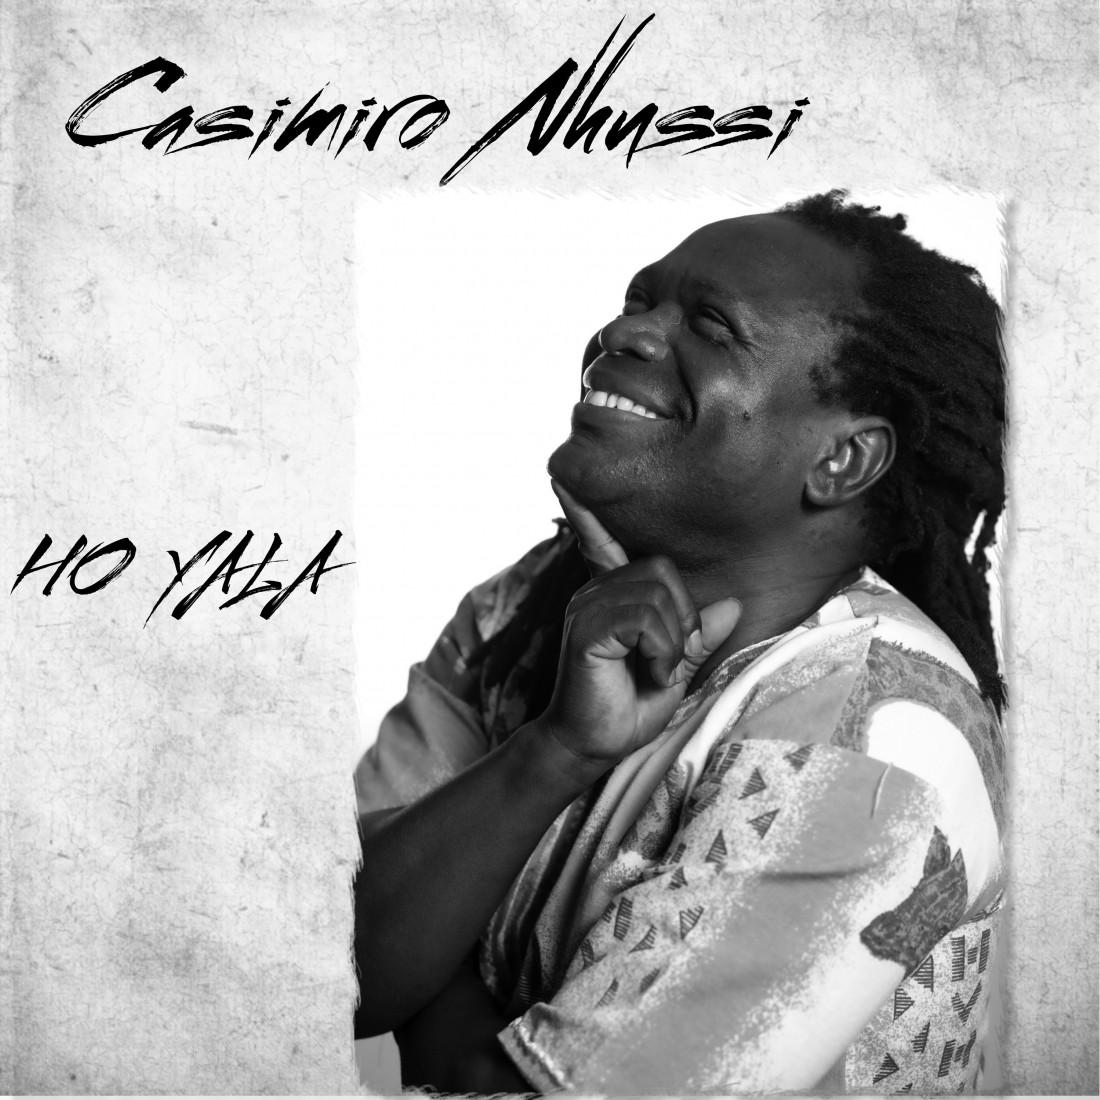 Casimiro Nhussi